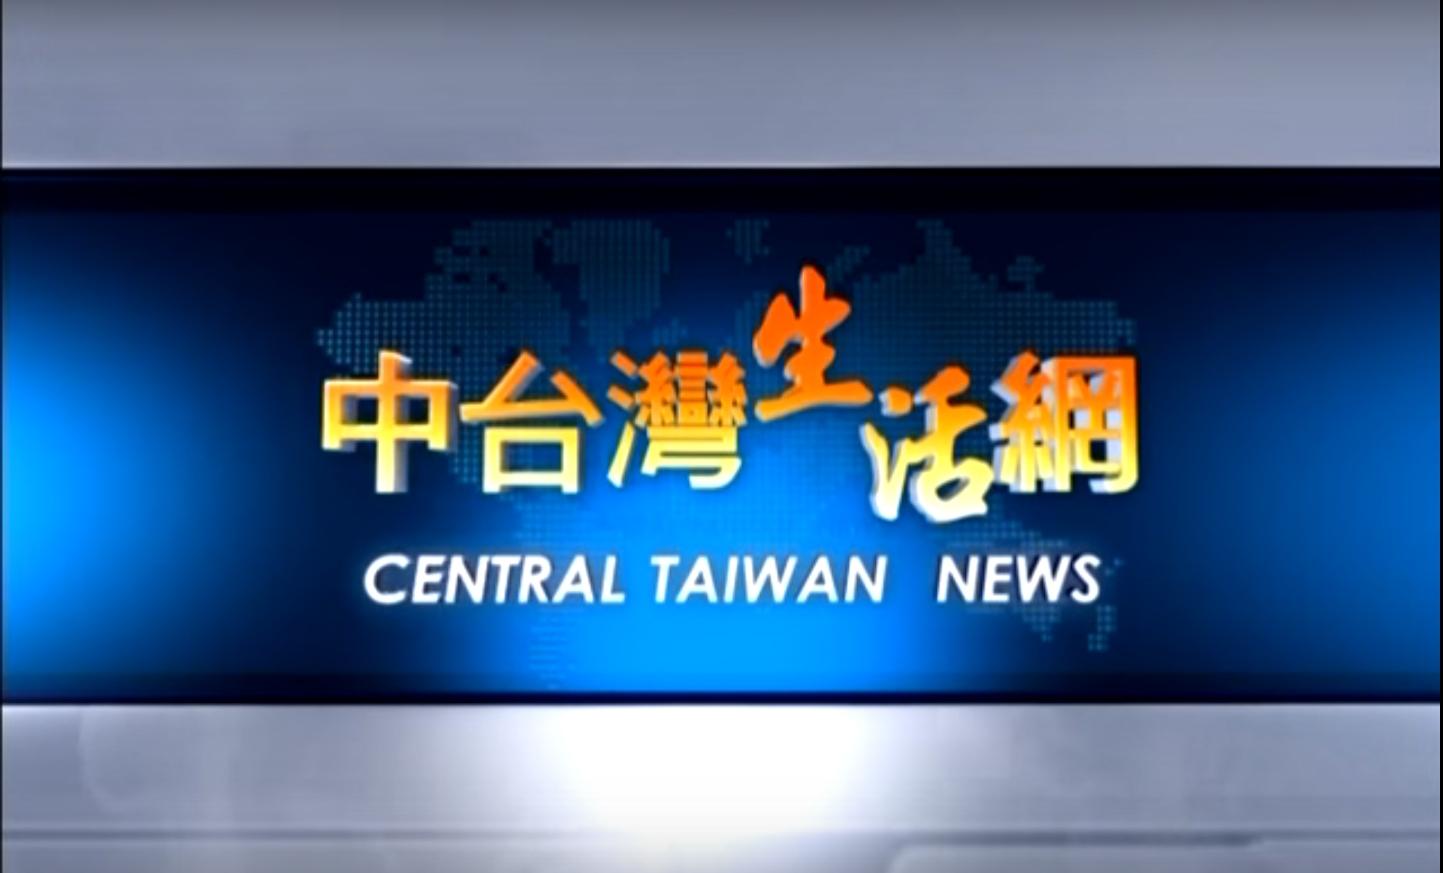 恐無法轉戰新聞台!台數科生活頻道同意換照 NCC要求降低新聞節目比率